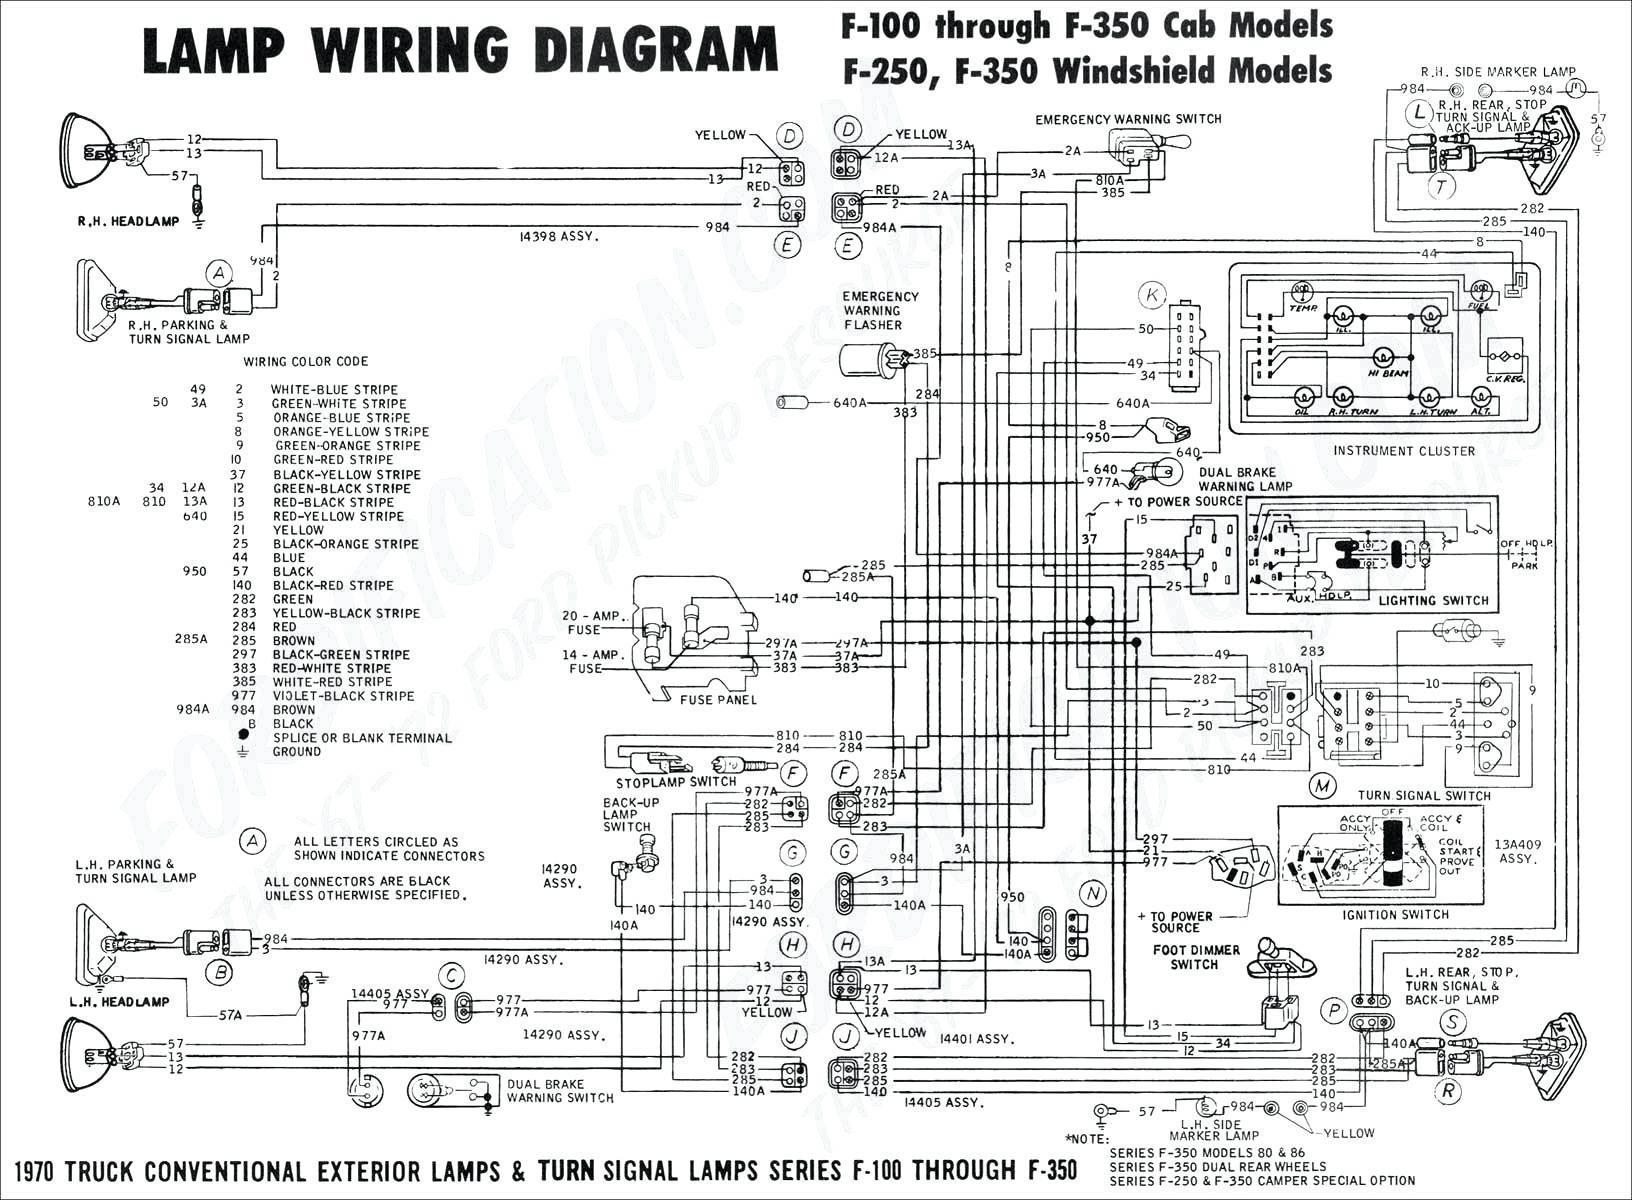 Toyota Power Window Switch Wiring Diagram Power Door Switch Wiring Diagram 2006 Taurus Worksheet and Wiring